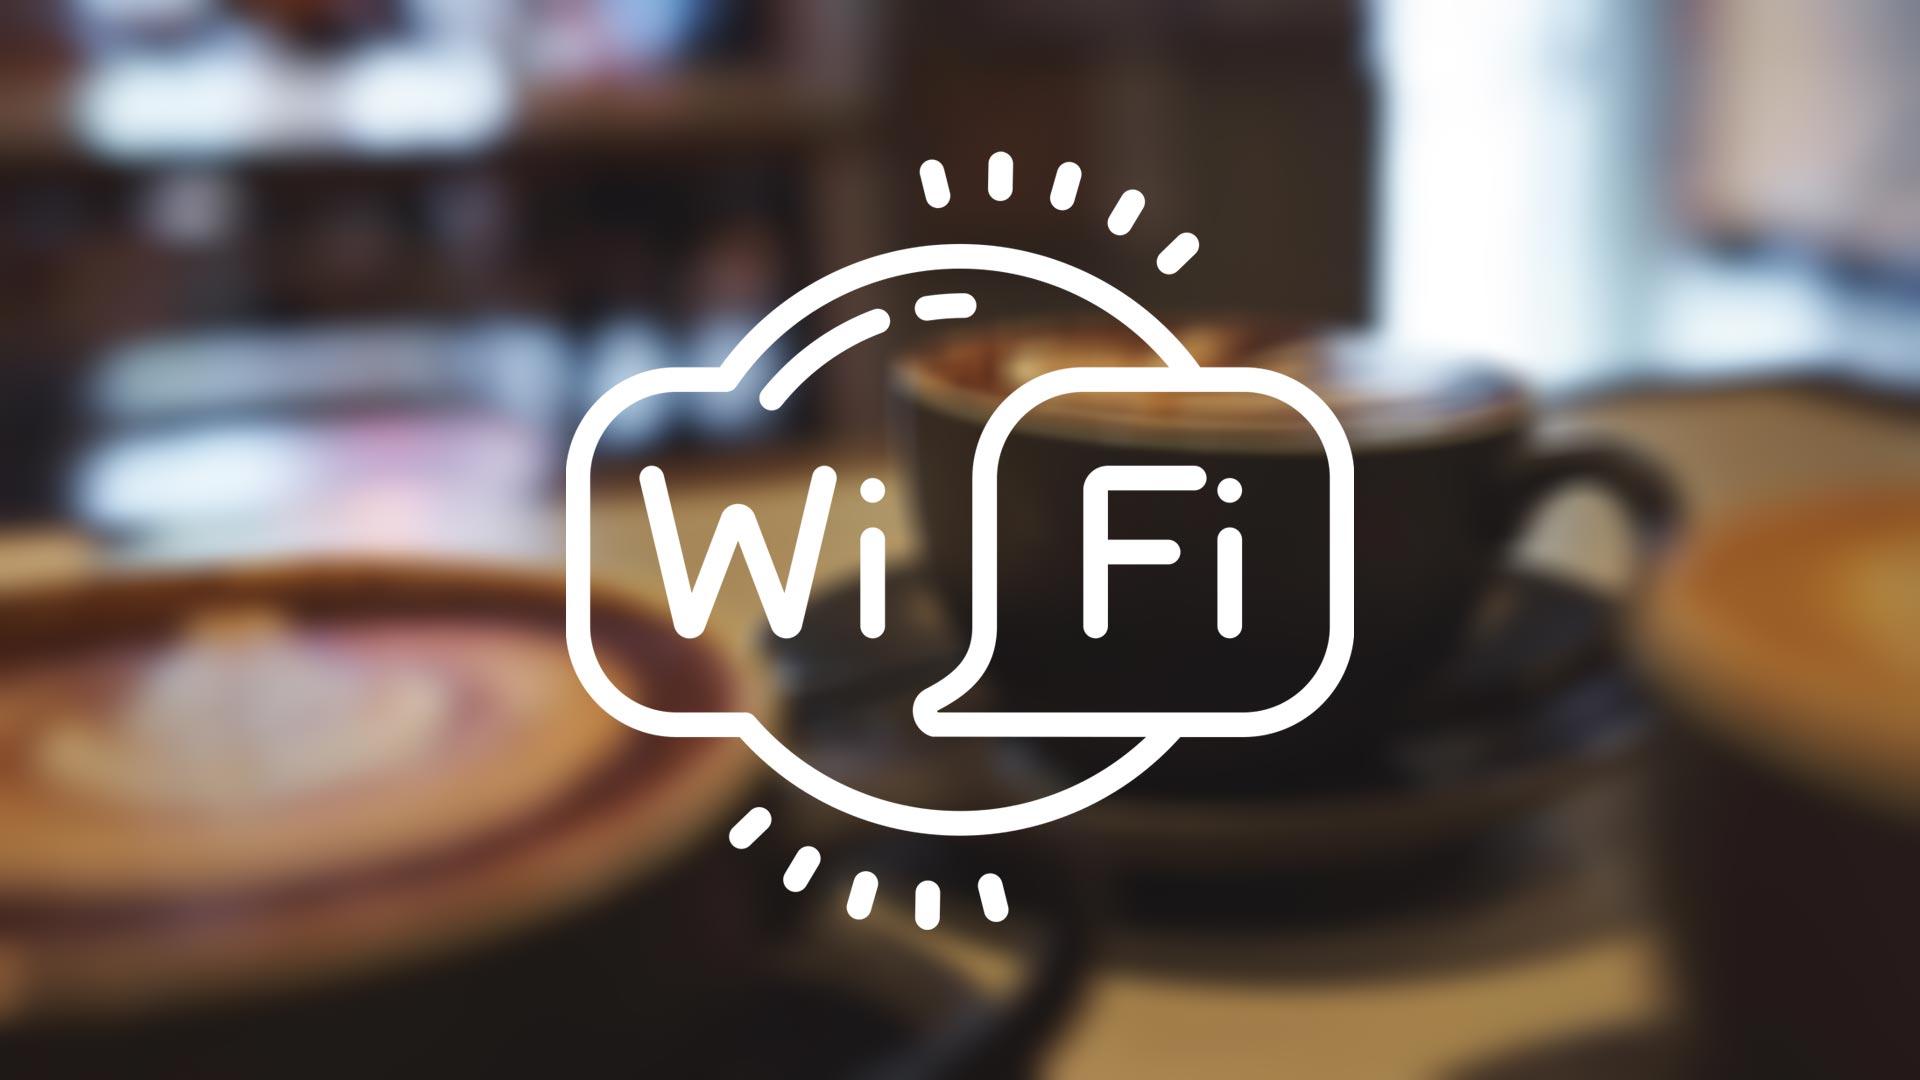 Как бесплатный Wi-Fi поможет повысить доходы бизнеса